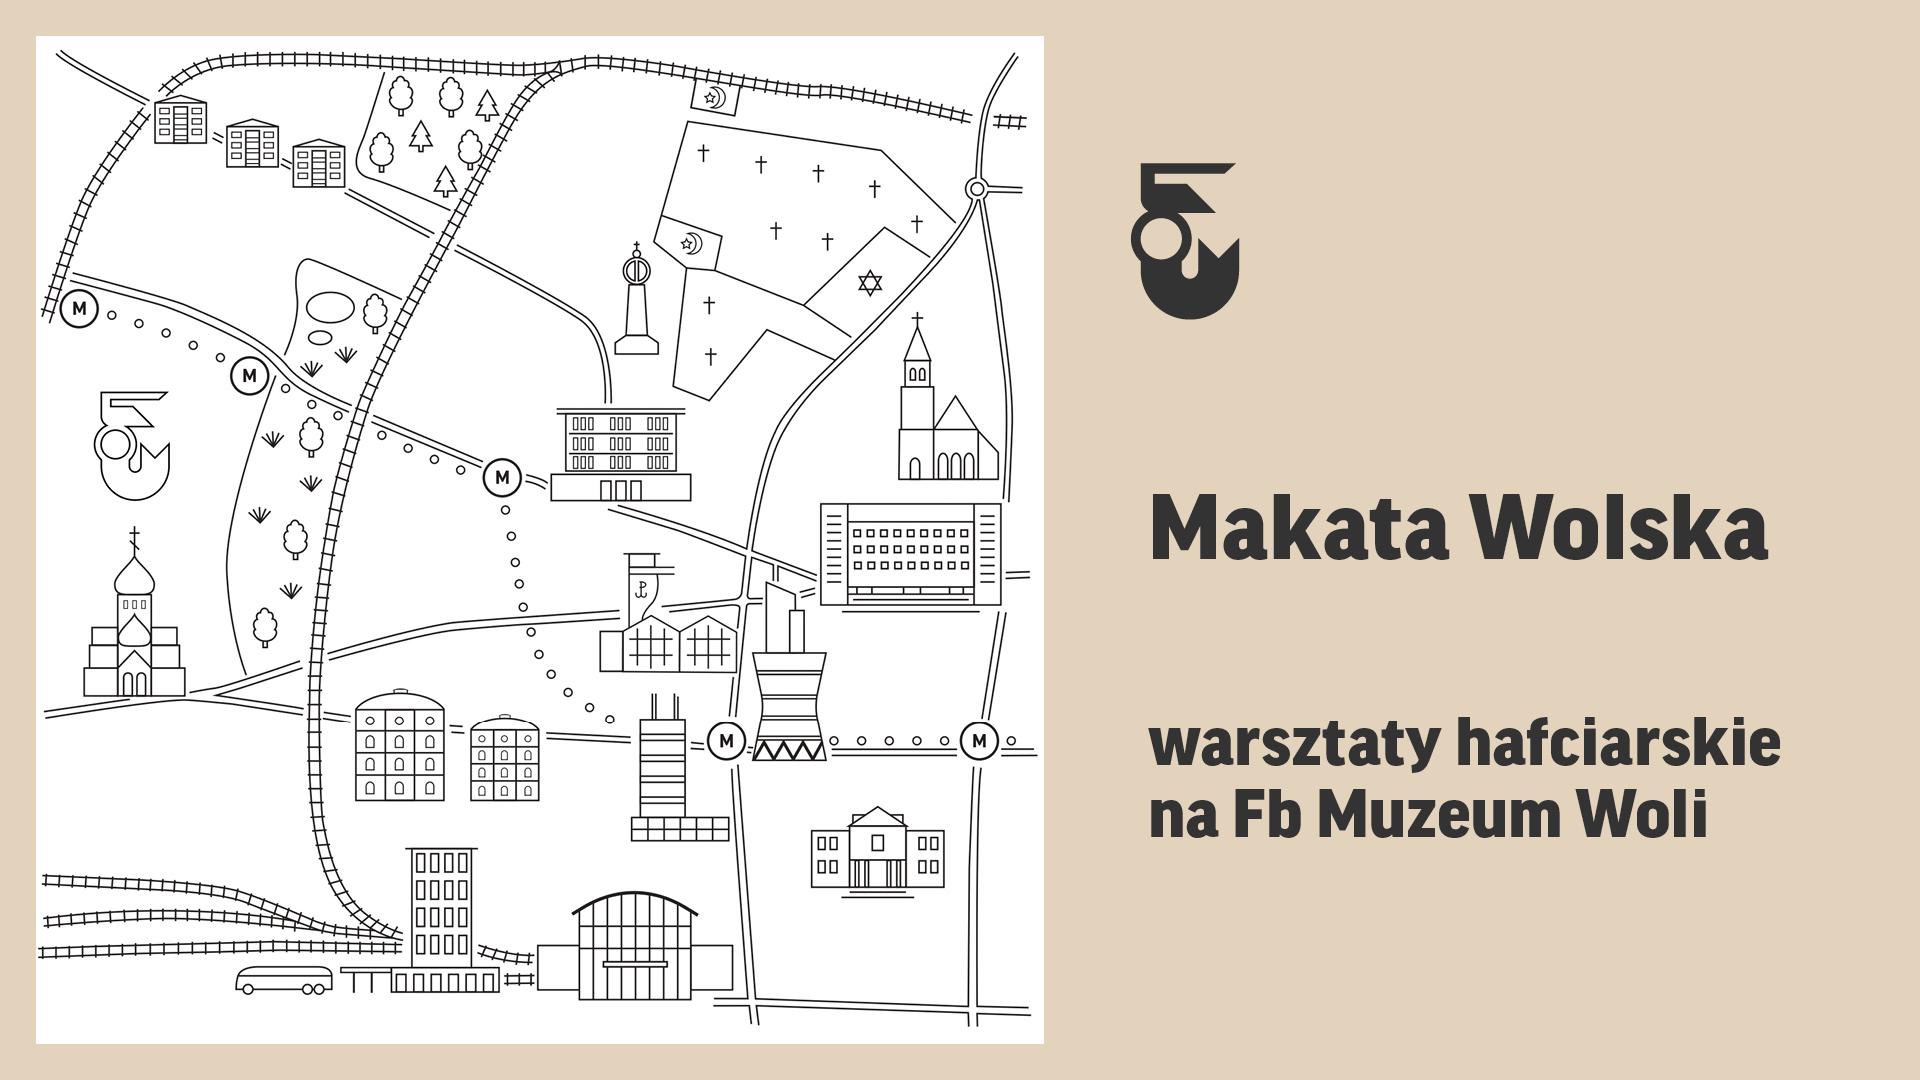 Grafika. Po prawej stronie napis: makata Wolska. Poniżej: warsztaty hafciarskie na Fb Muzeum Woli. Po lewej uproszczony wzór miasta. Budynki narysowane czarną kreską na białym tle.l